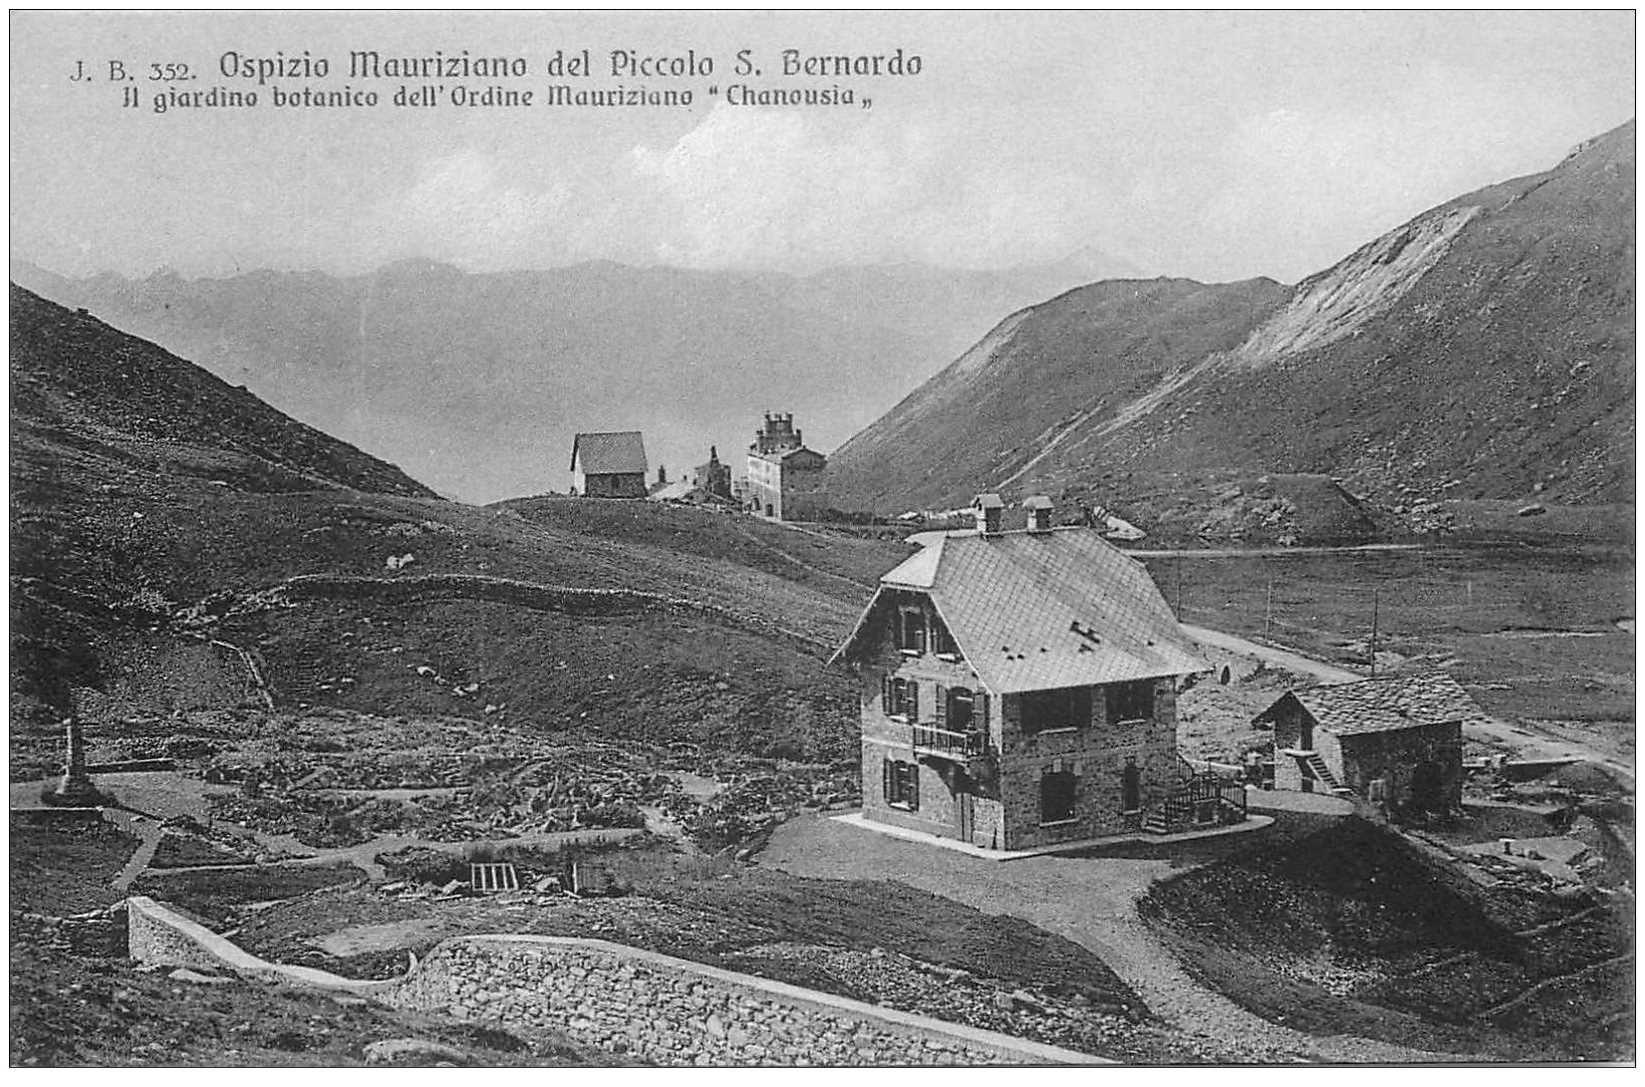 carte postale ancienne Italia. Ospizio Mauriziano del Piccolo S. Bernardo